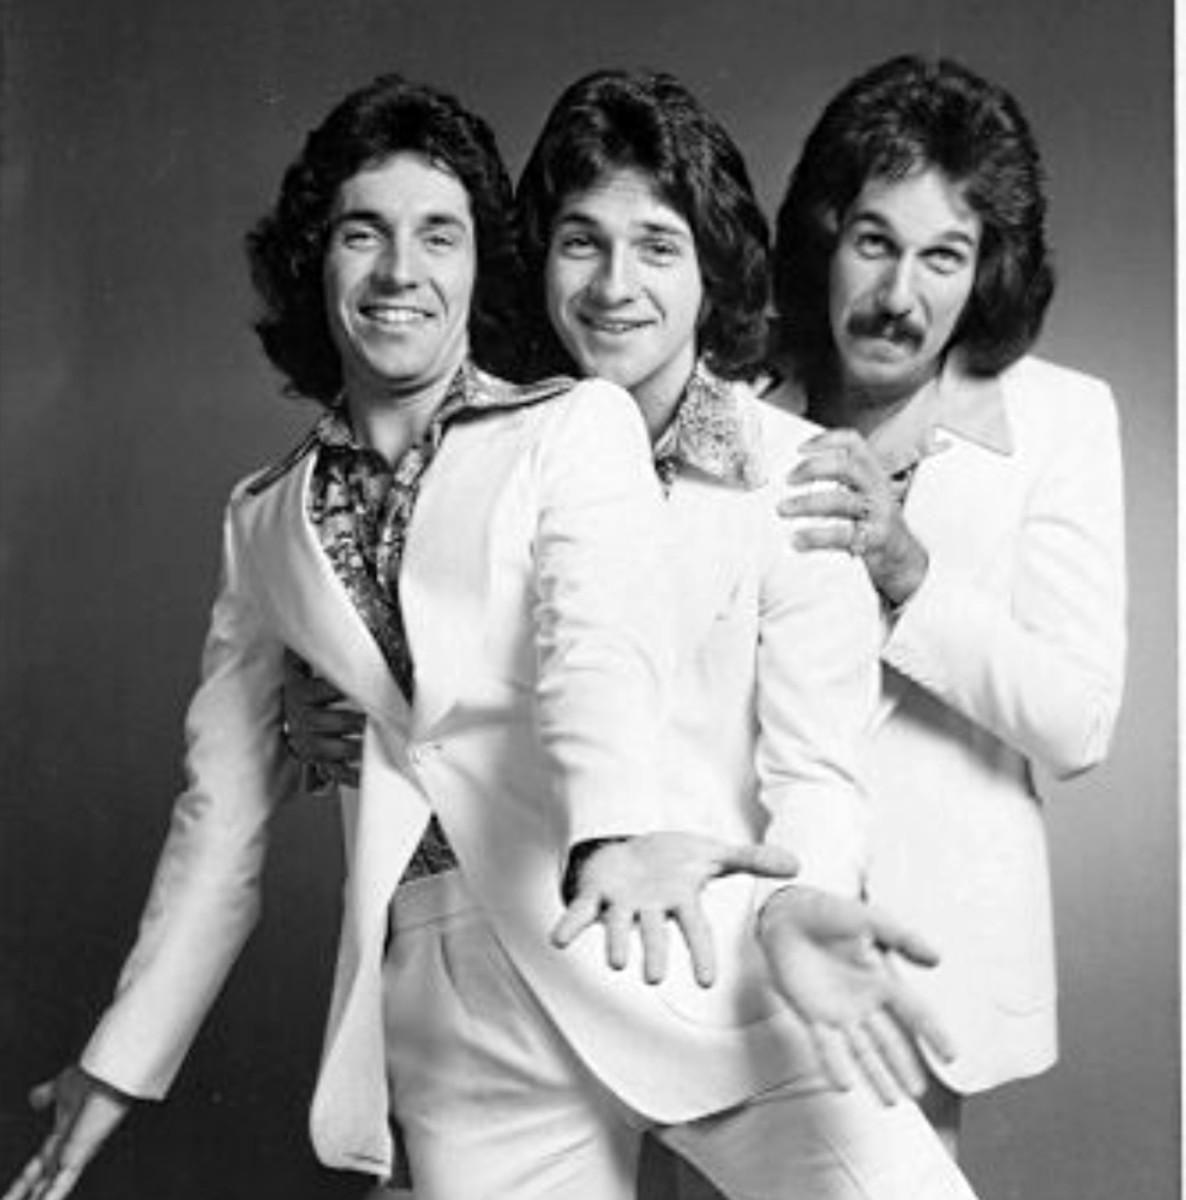 Bill, Brett and Mark Hudson